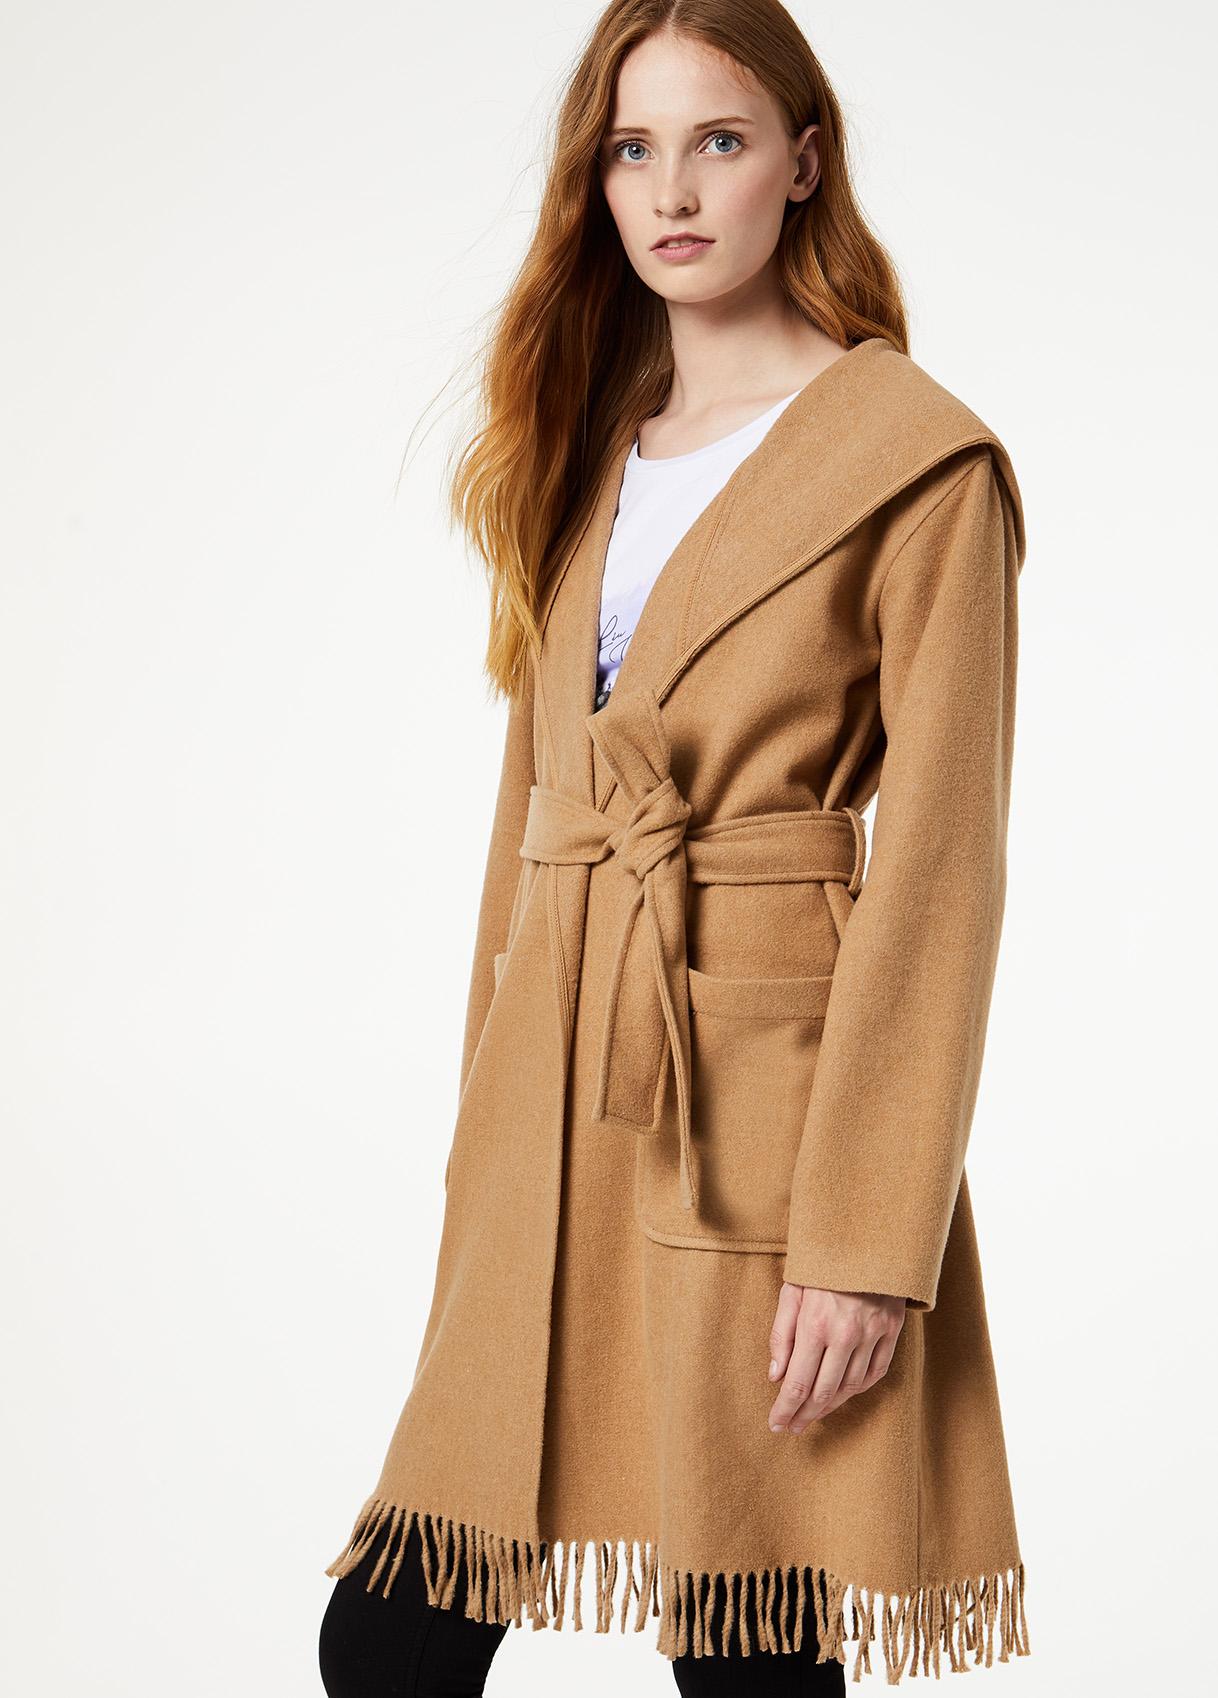 Liu Jo camel coat